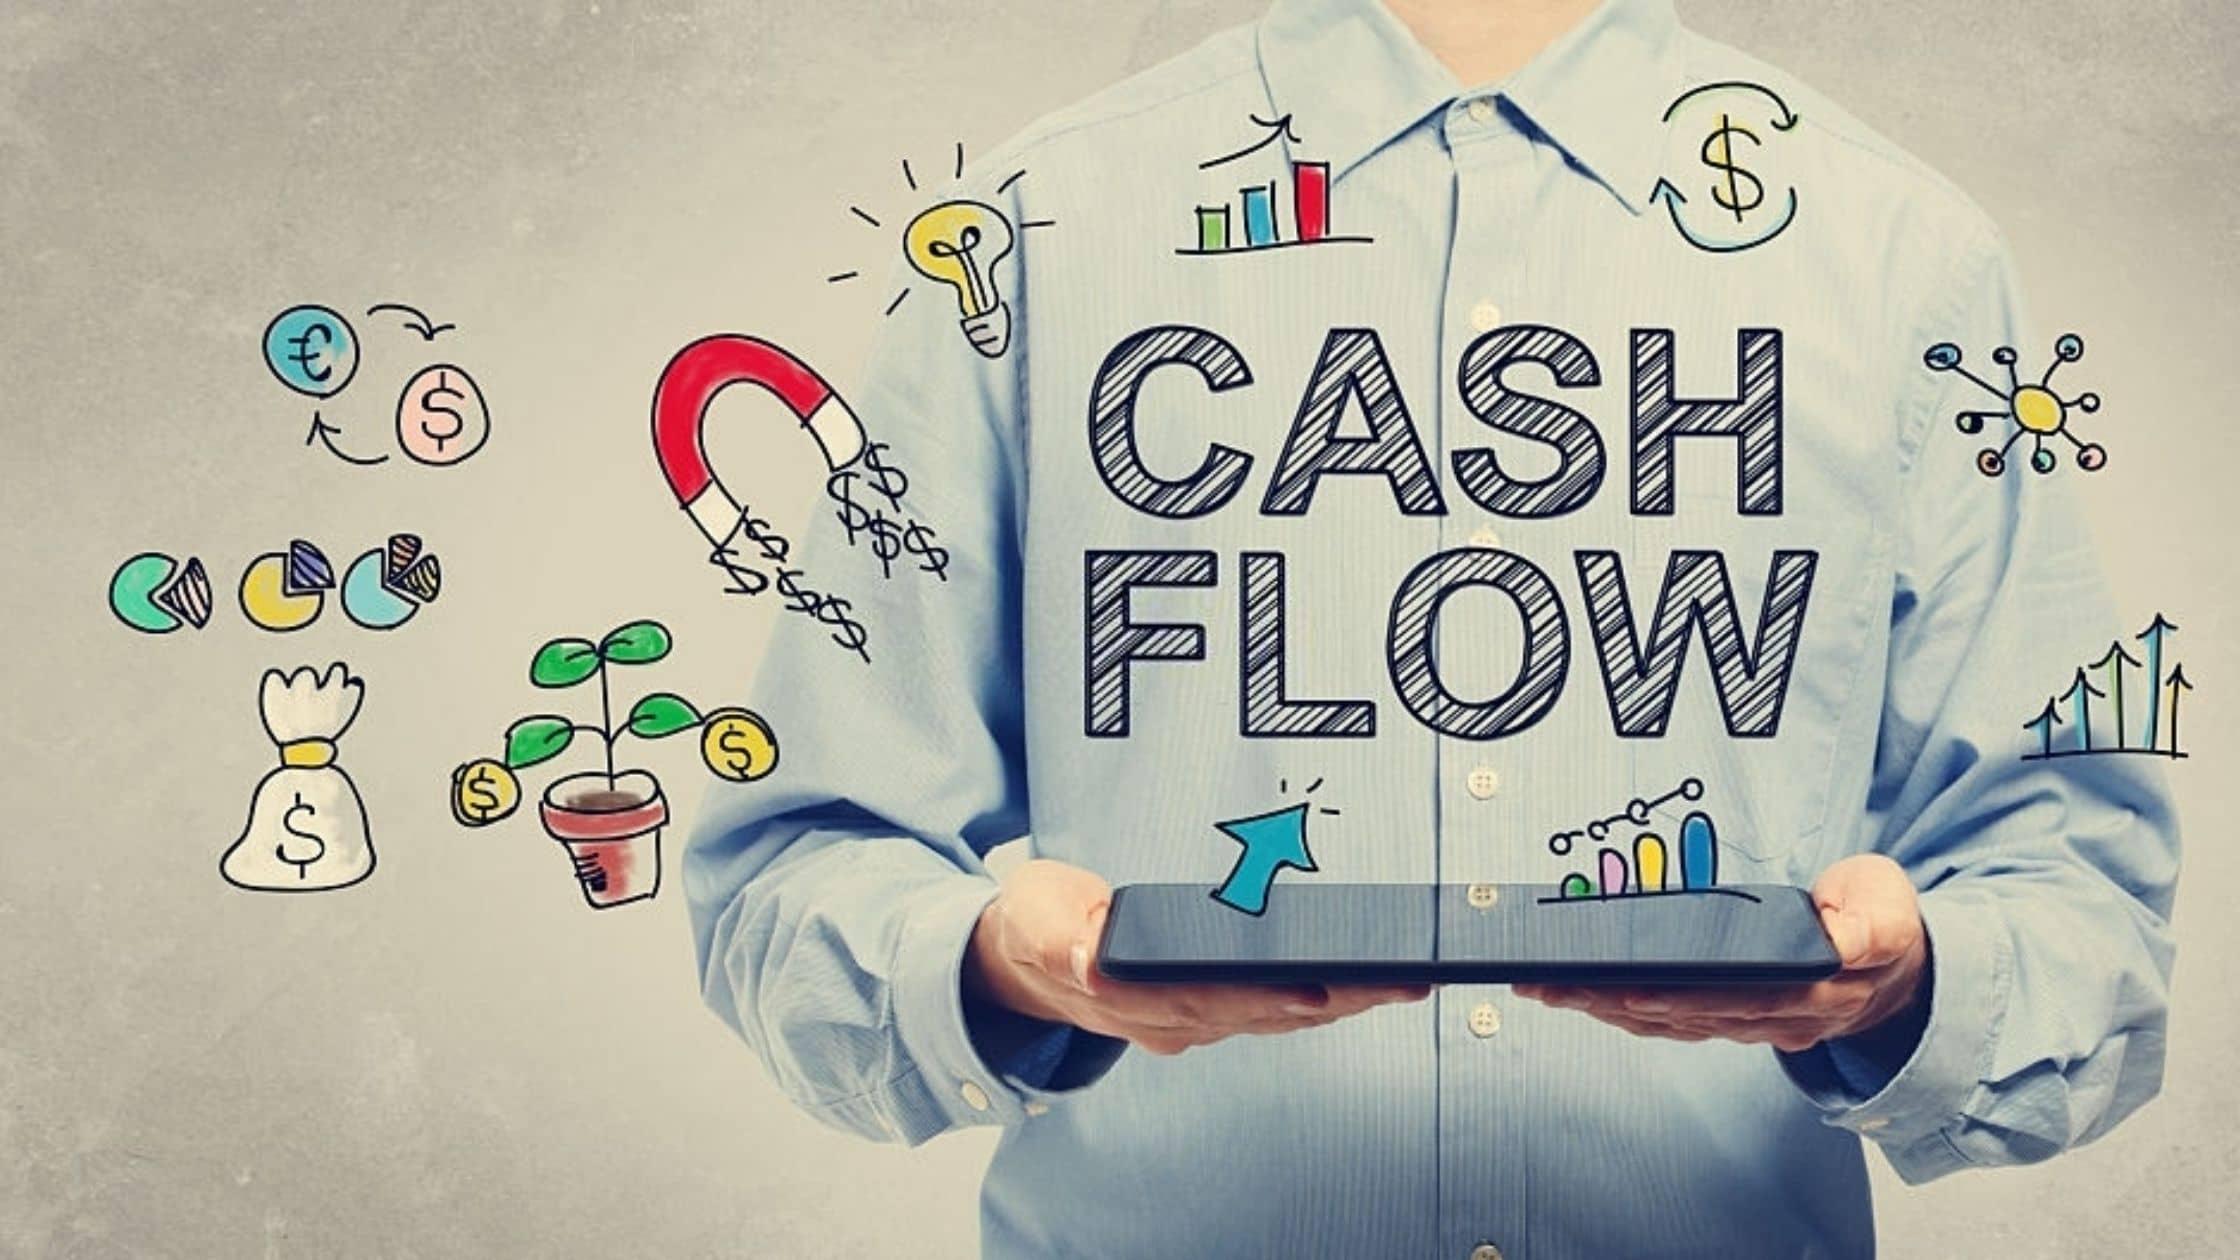 Startup Cash Flow